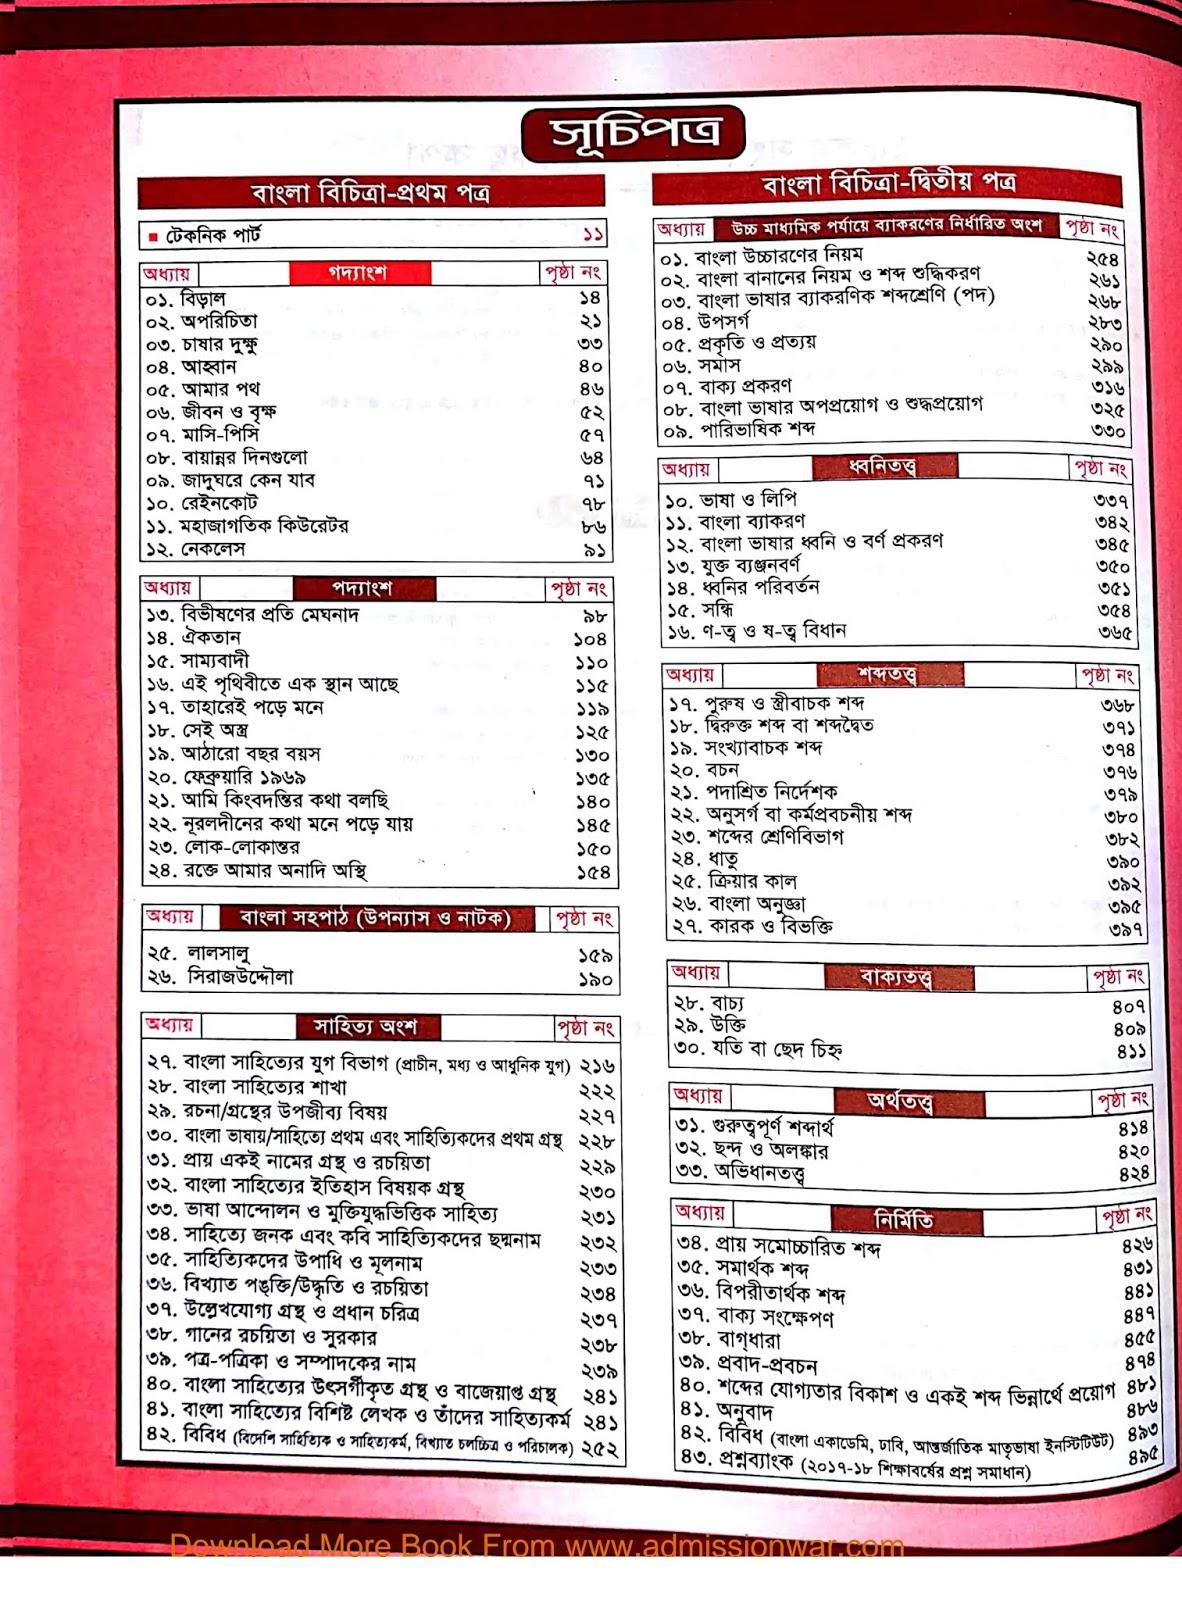 জয়কলির বাংলা বিচিত্রা বই pdf,জয়কলির বই, joykoly bangla bichitra Pdf,জয়কলি প্রকাশনীয় বই,জয়কলির বই pdf Downlod,Joykoly বাংলা বিচিত্রা বই pdf